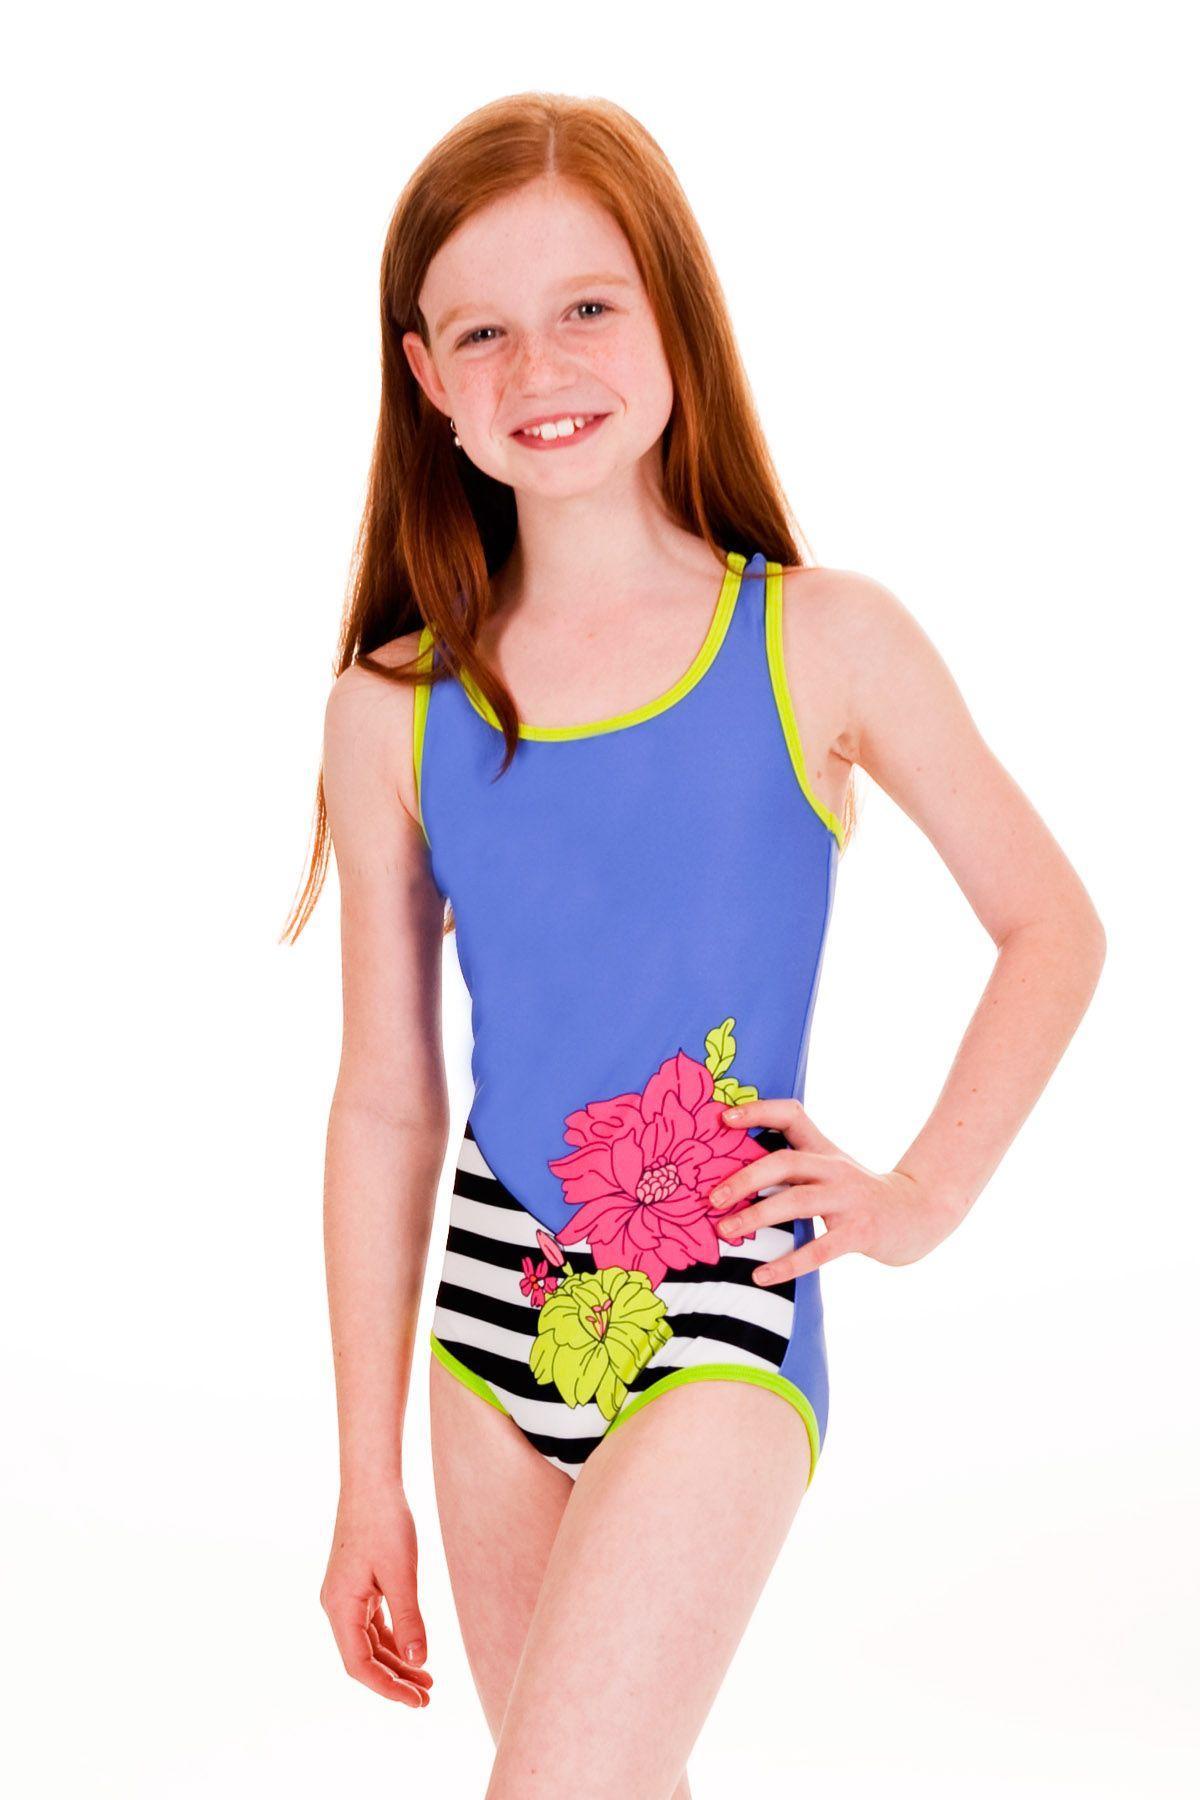 587eff6984da4 Limeapple girls swimwear